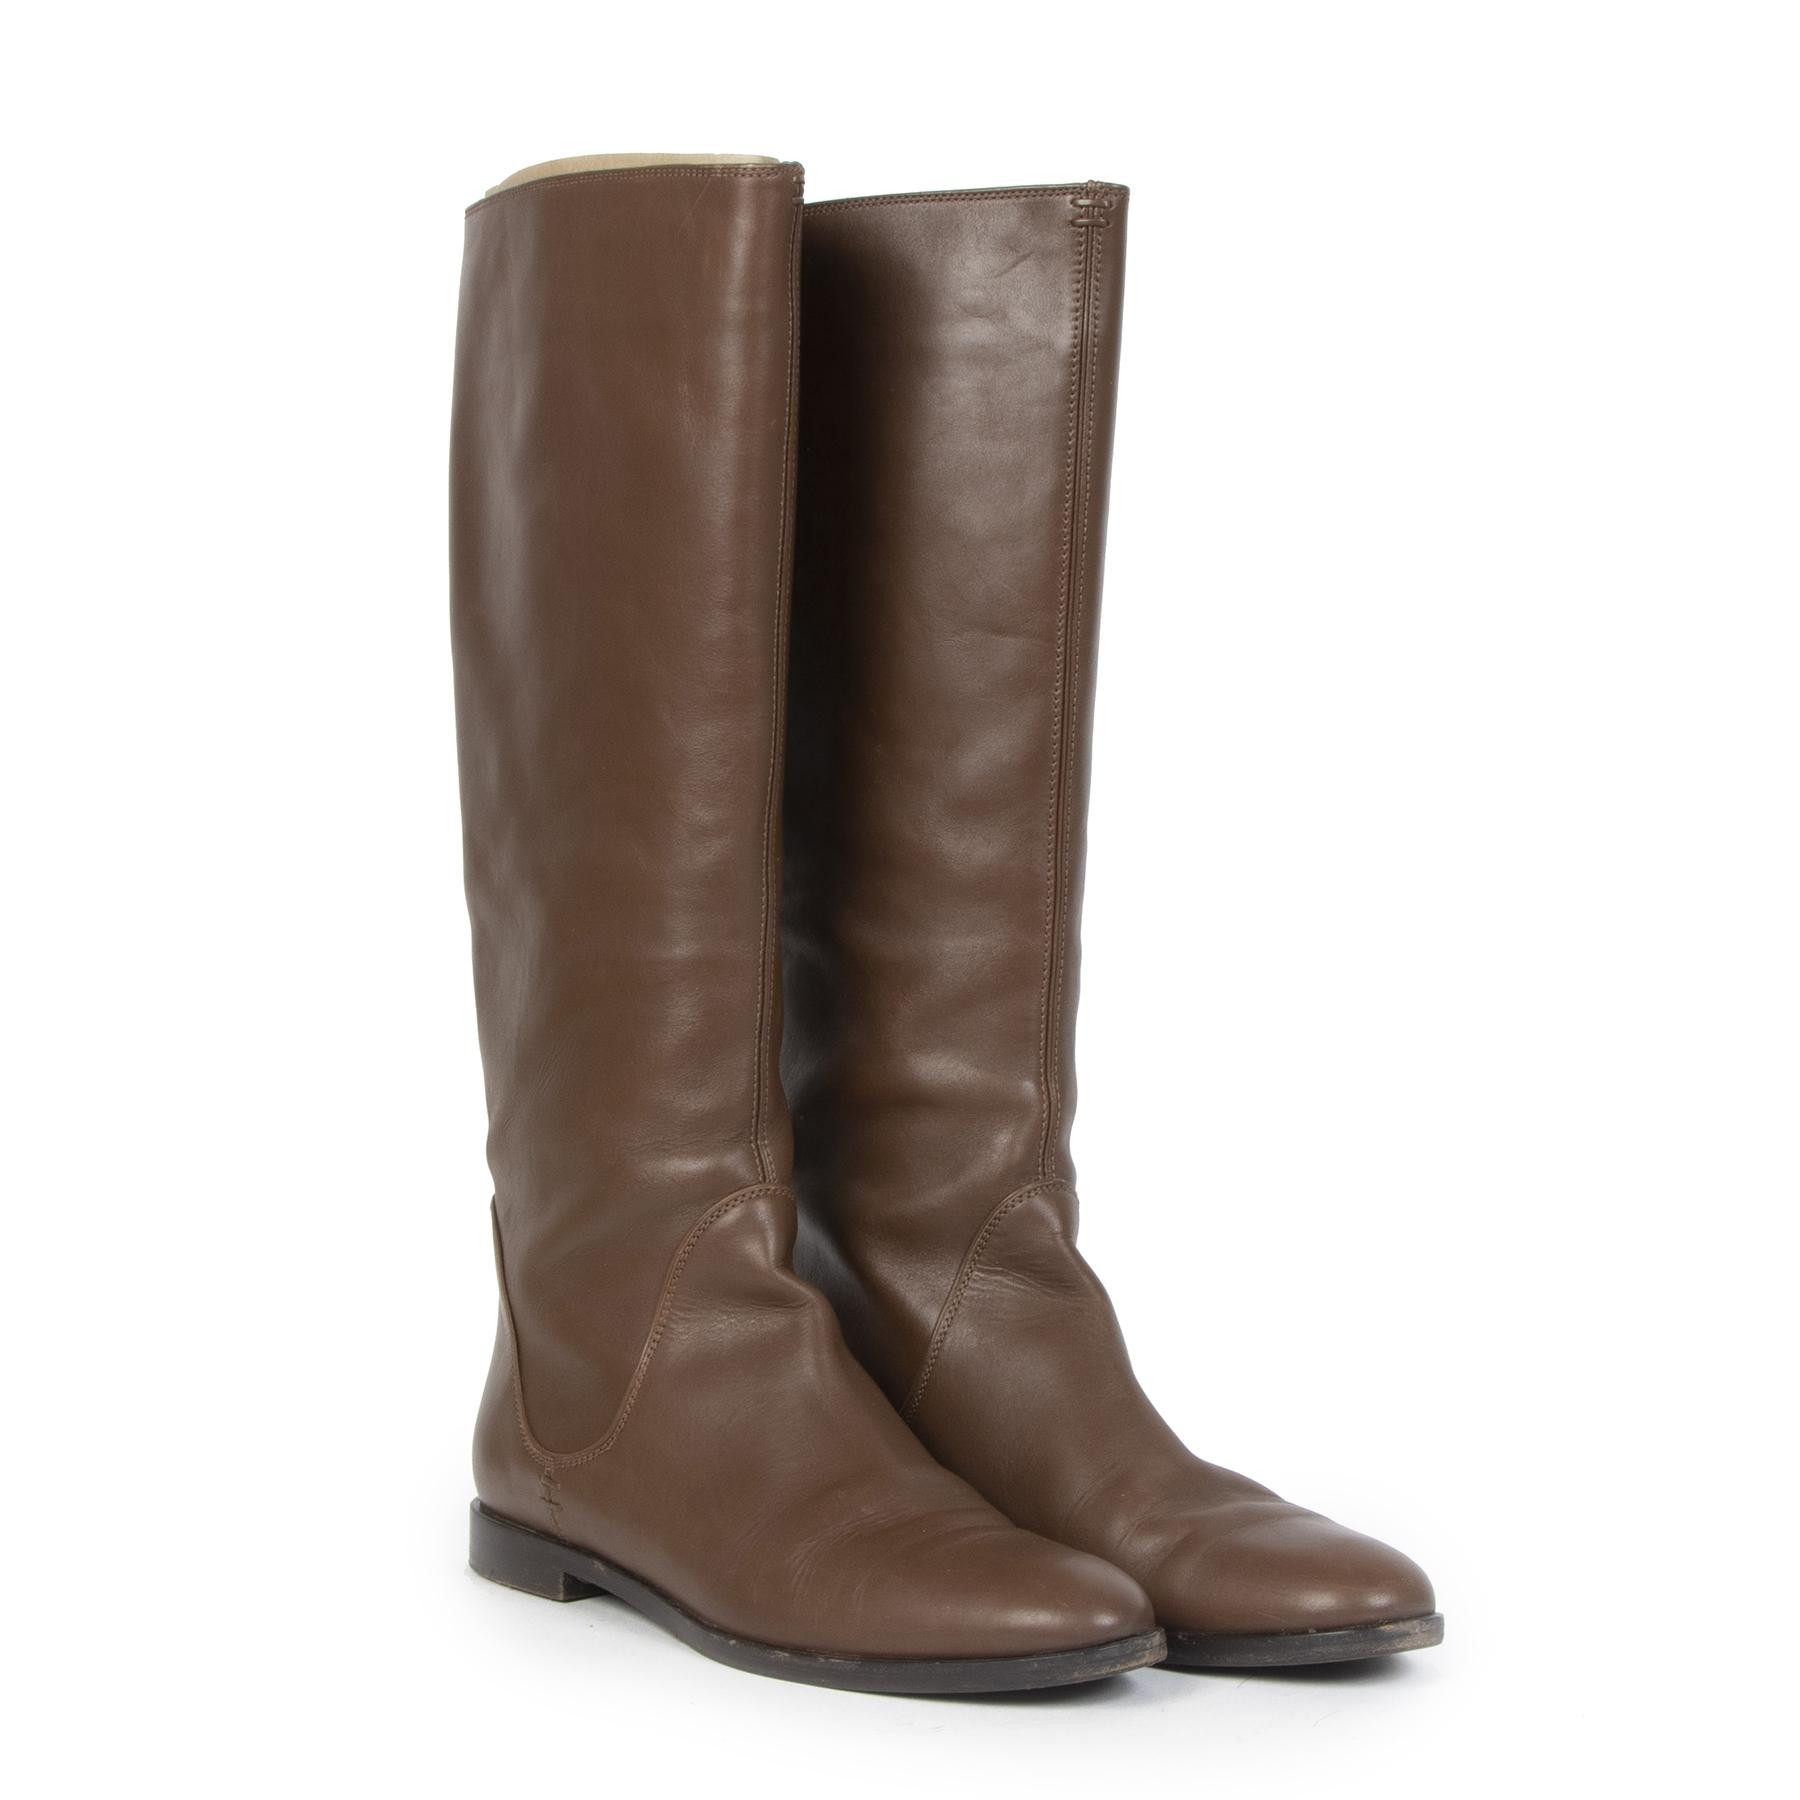 Authentieke Tweedehands Sergio Rossi Brown Leather Boots - Size 38 juiste prijs veilig onine shoppen luxe merken webshop winkelen Antwerpen België mode fashion